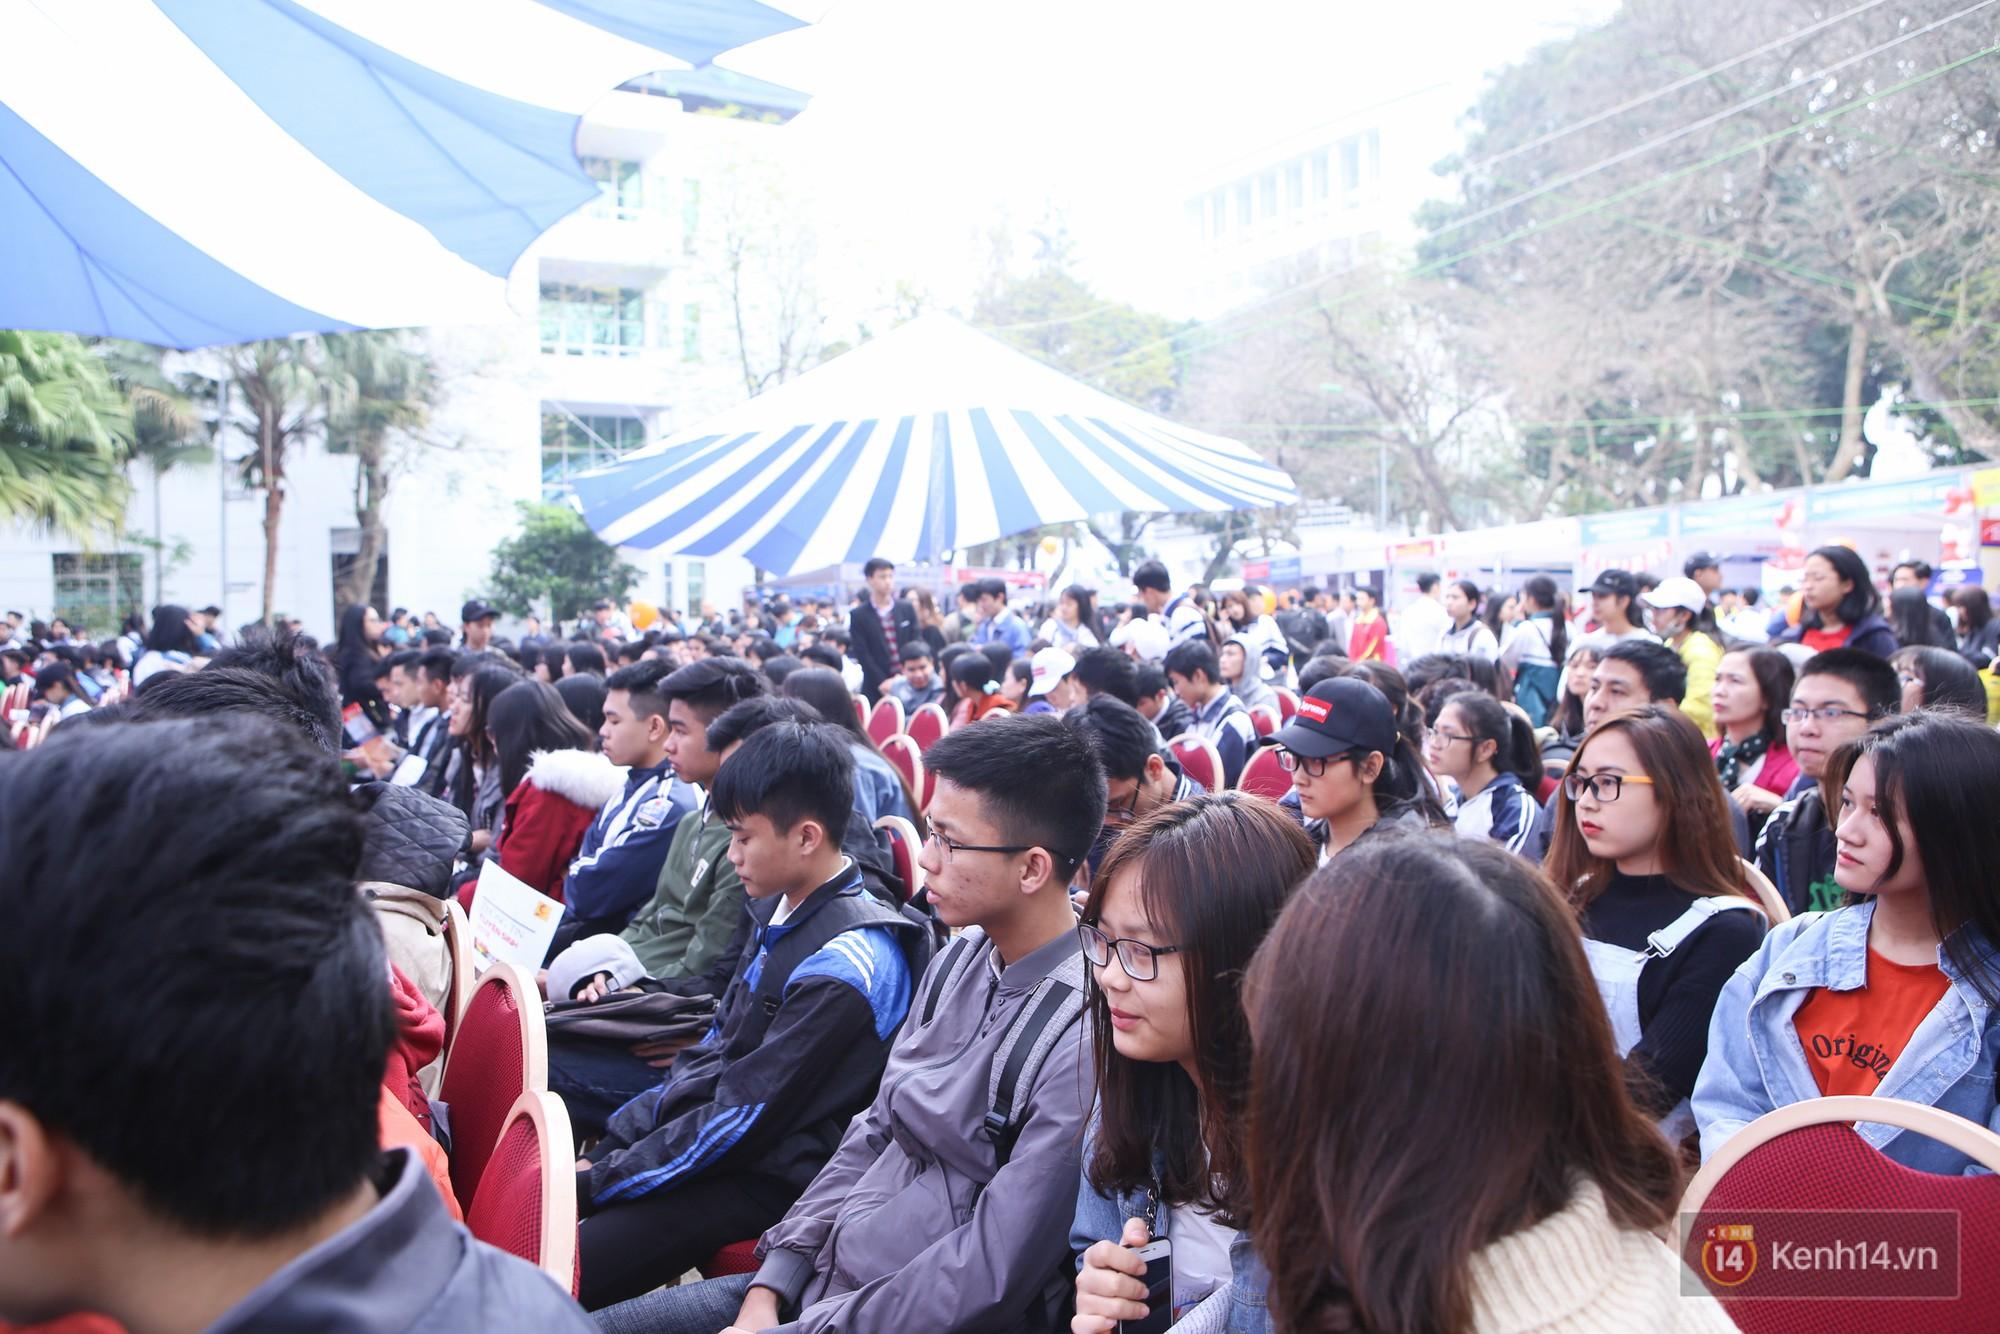 Hơn 10.000 học sinh được tư vấn, giải đáp thắc mắc các vấn đề hot nhất của kỳ thi THPT quốc gia 2018 - Ảnh 16.